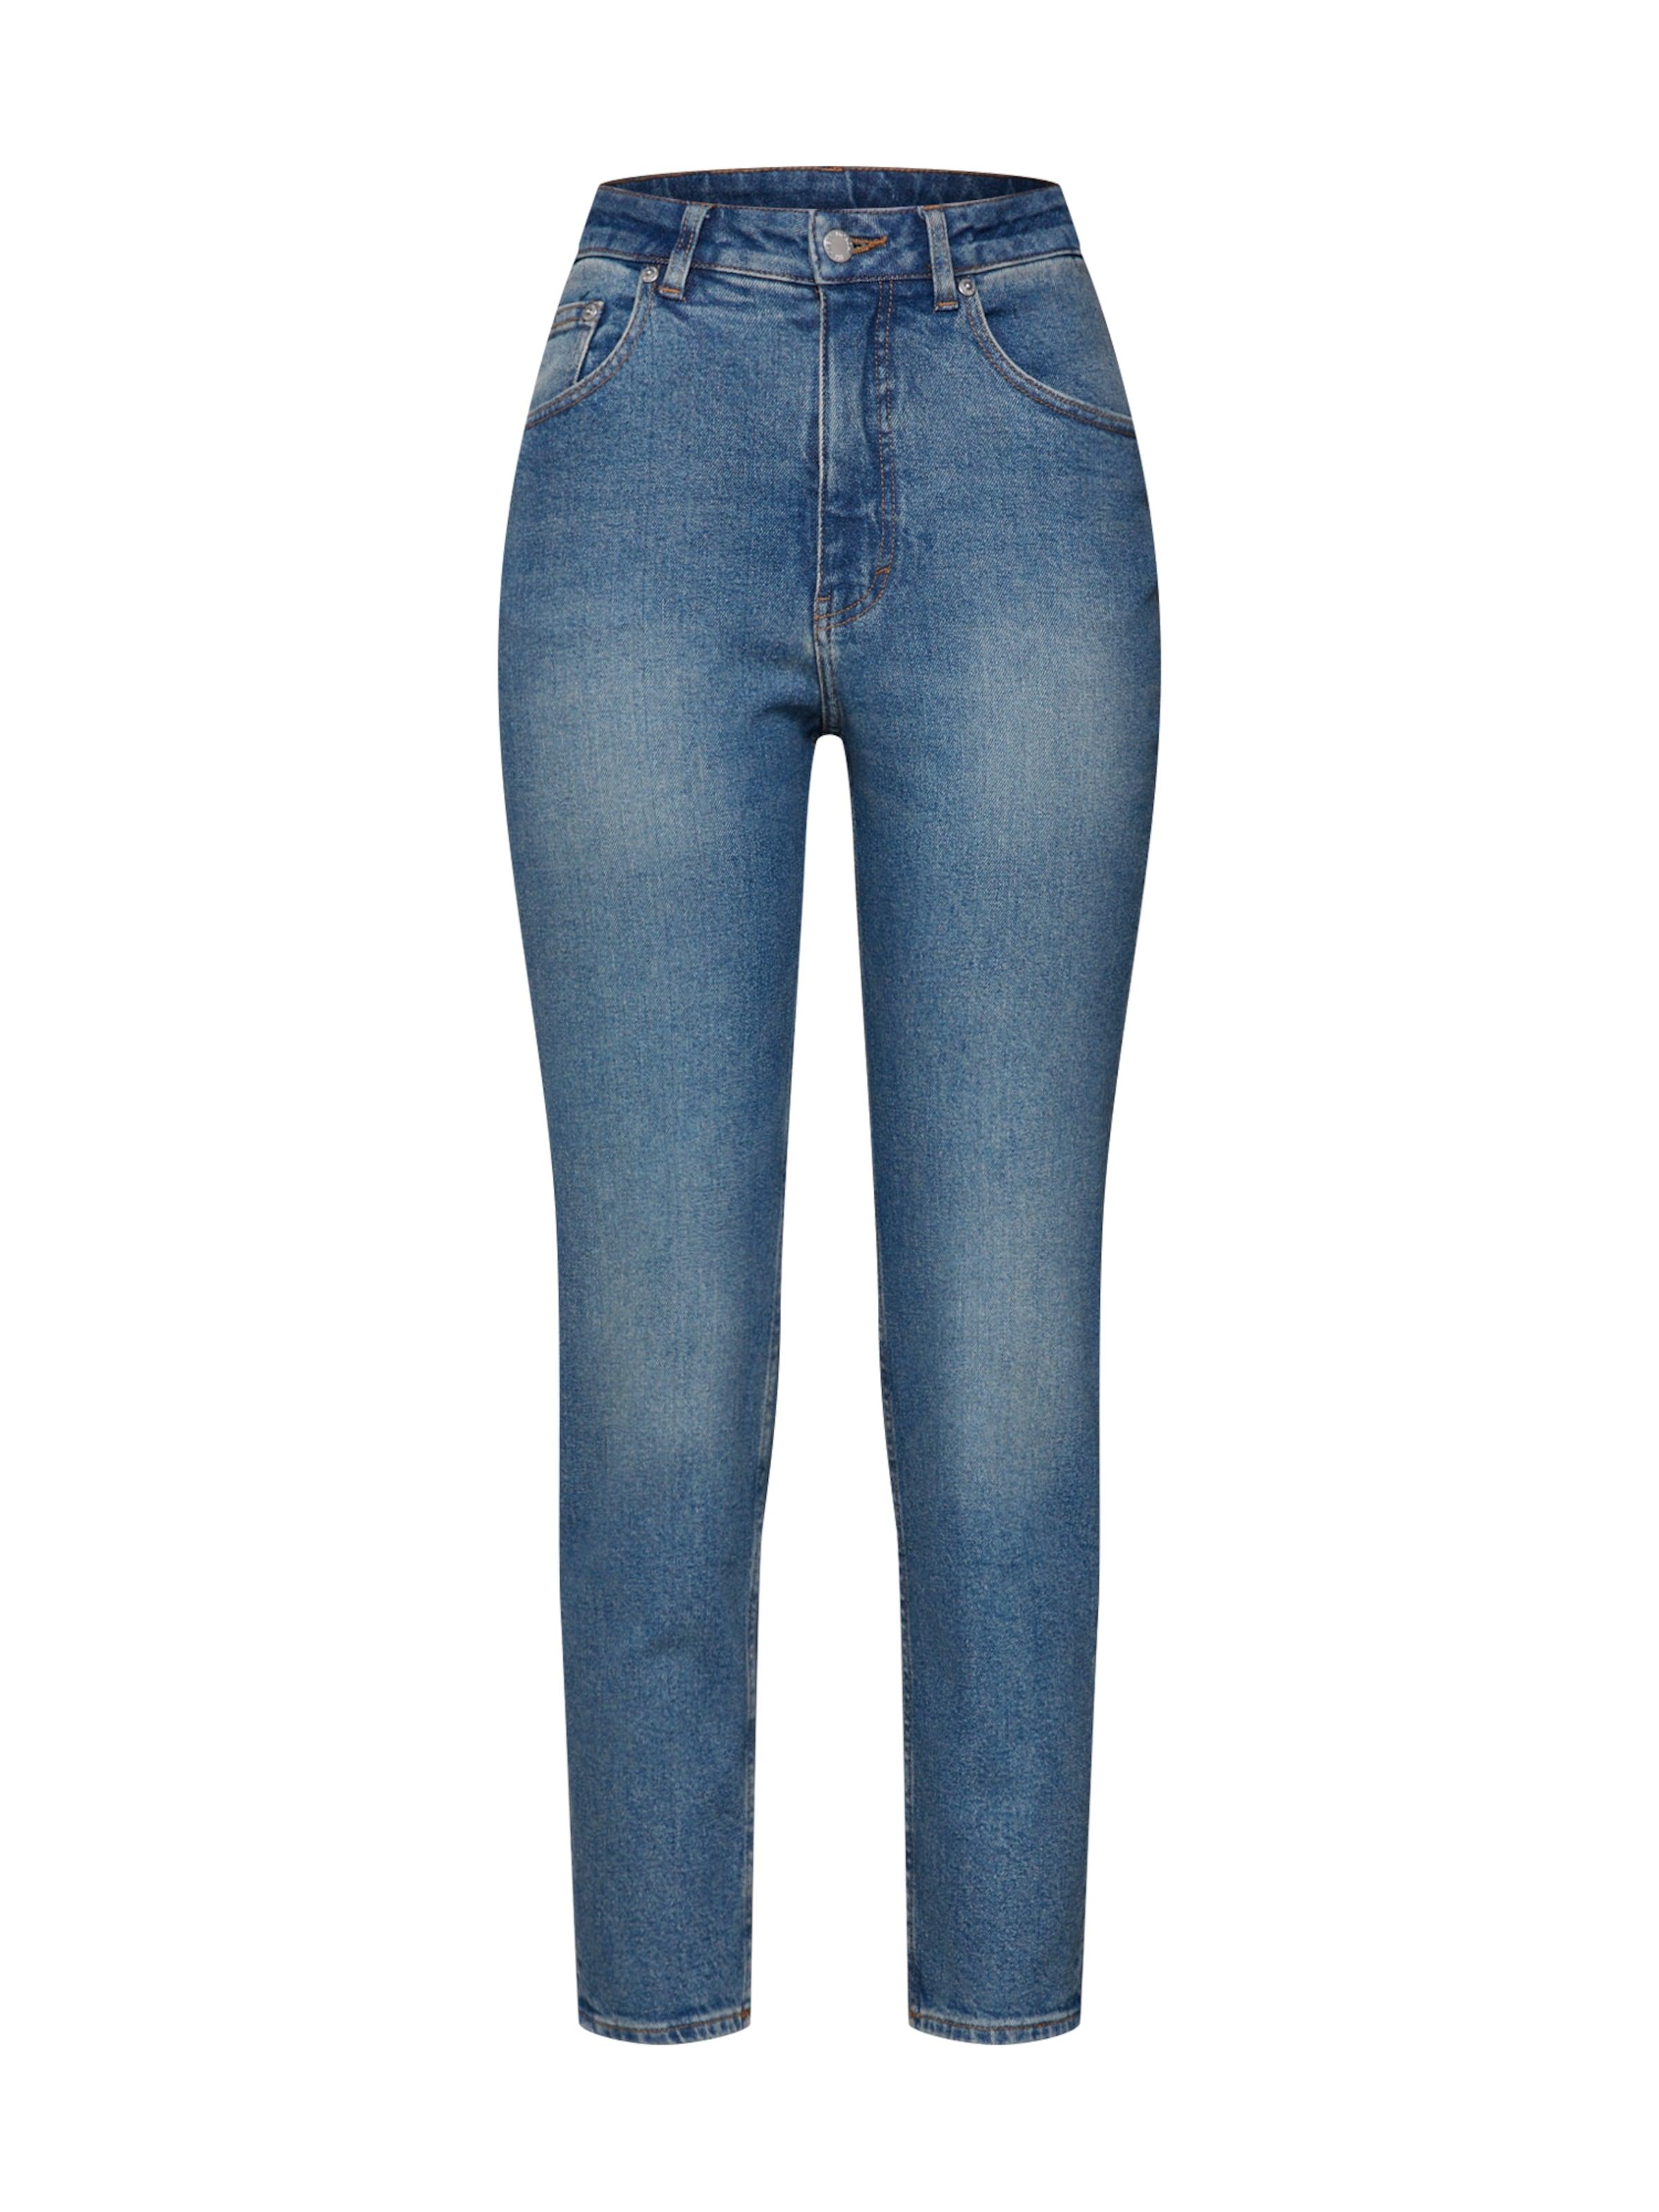 'donna' En Bleu Monday Denim Cheap Jean lJKF1c